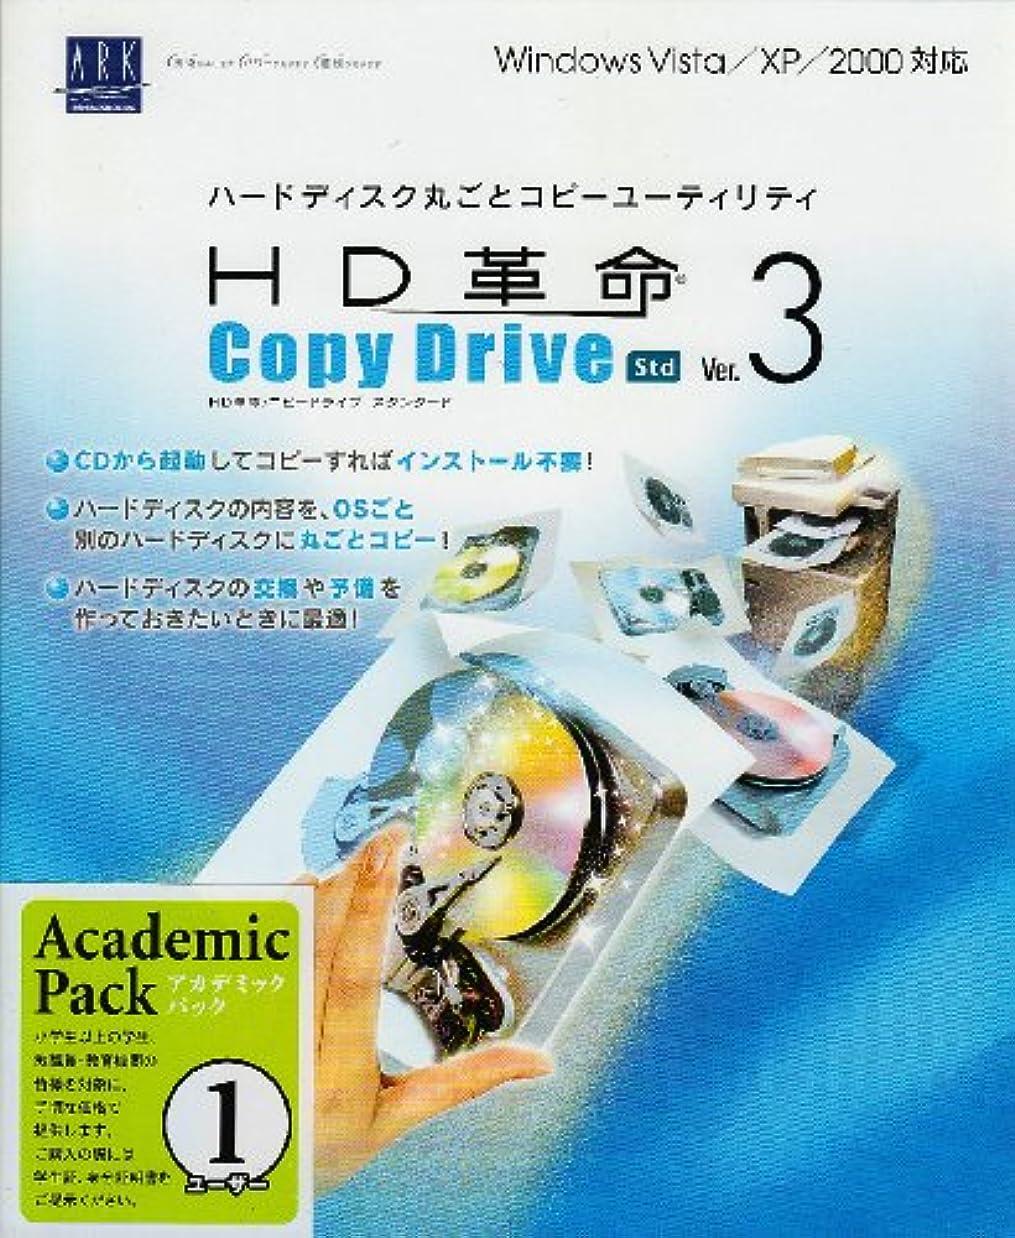 ダイバーハウス公平HD革命/CopyDrive Ver.3 Std アカデミックパック 1ユーザー